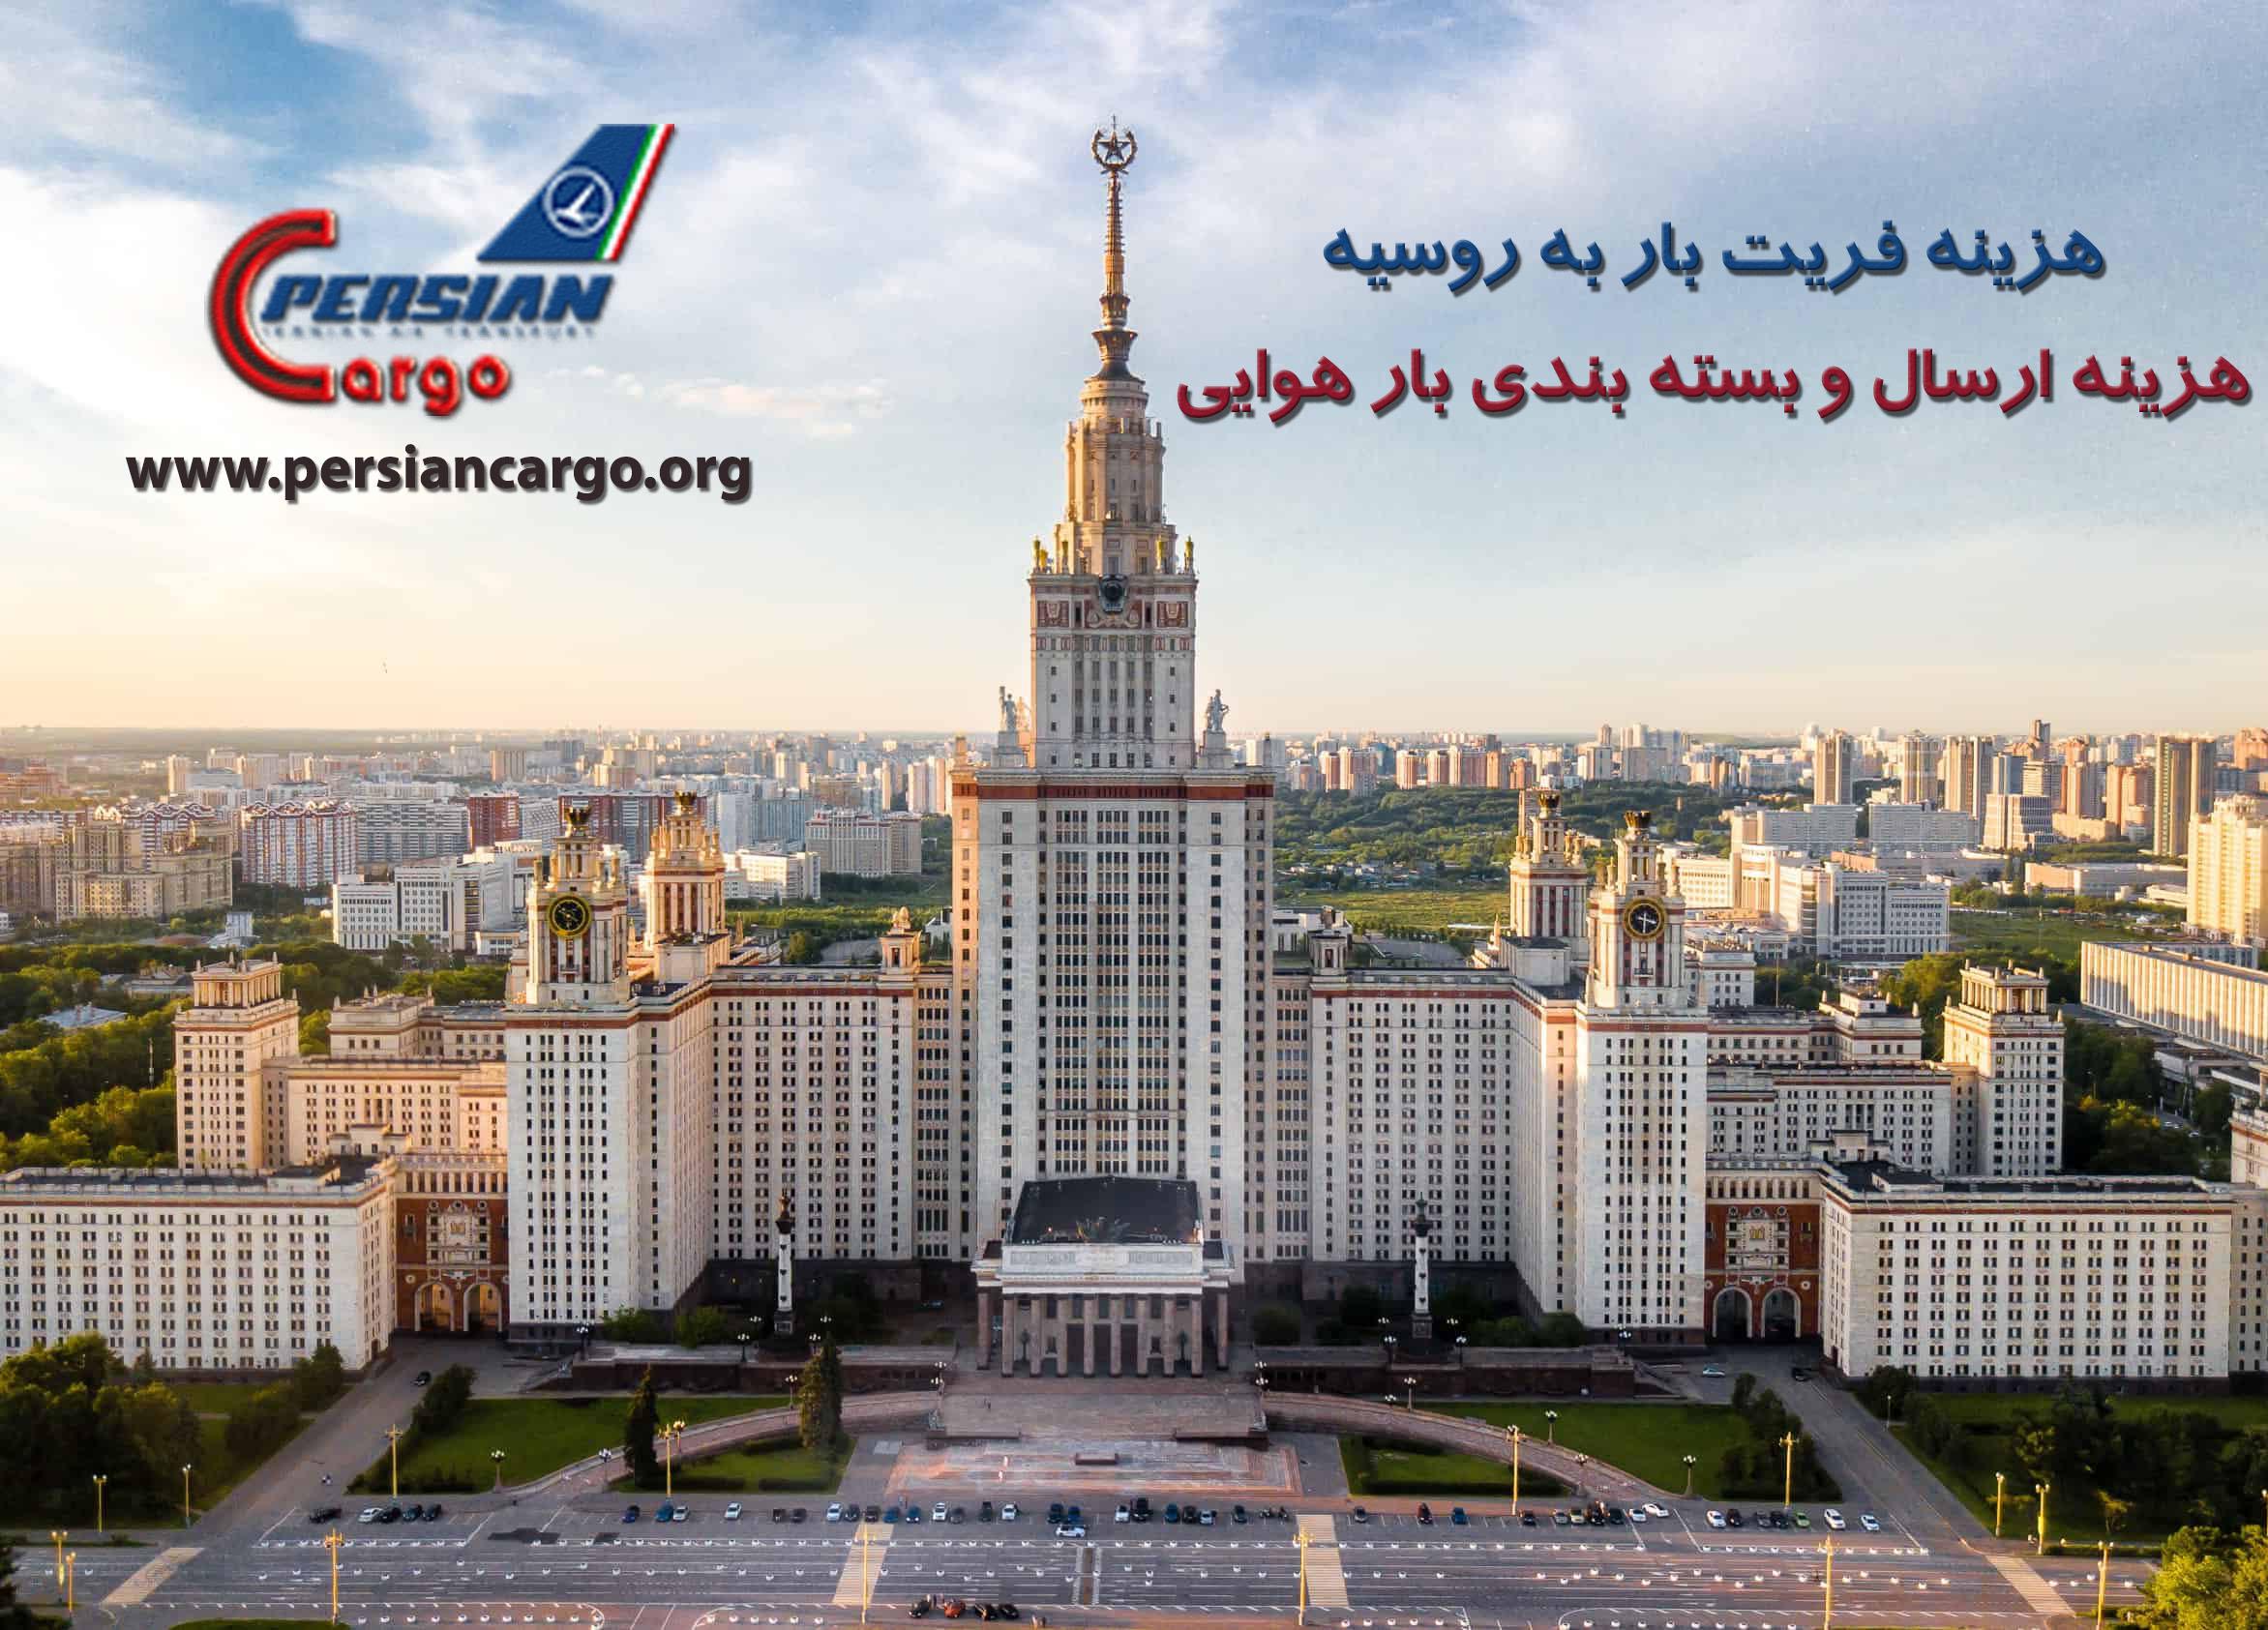 هزینه ارسال بار به روسیه (مسکو، سن پترزبورگ و ...)